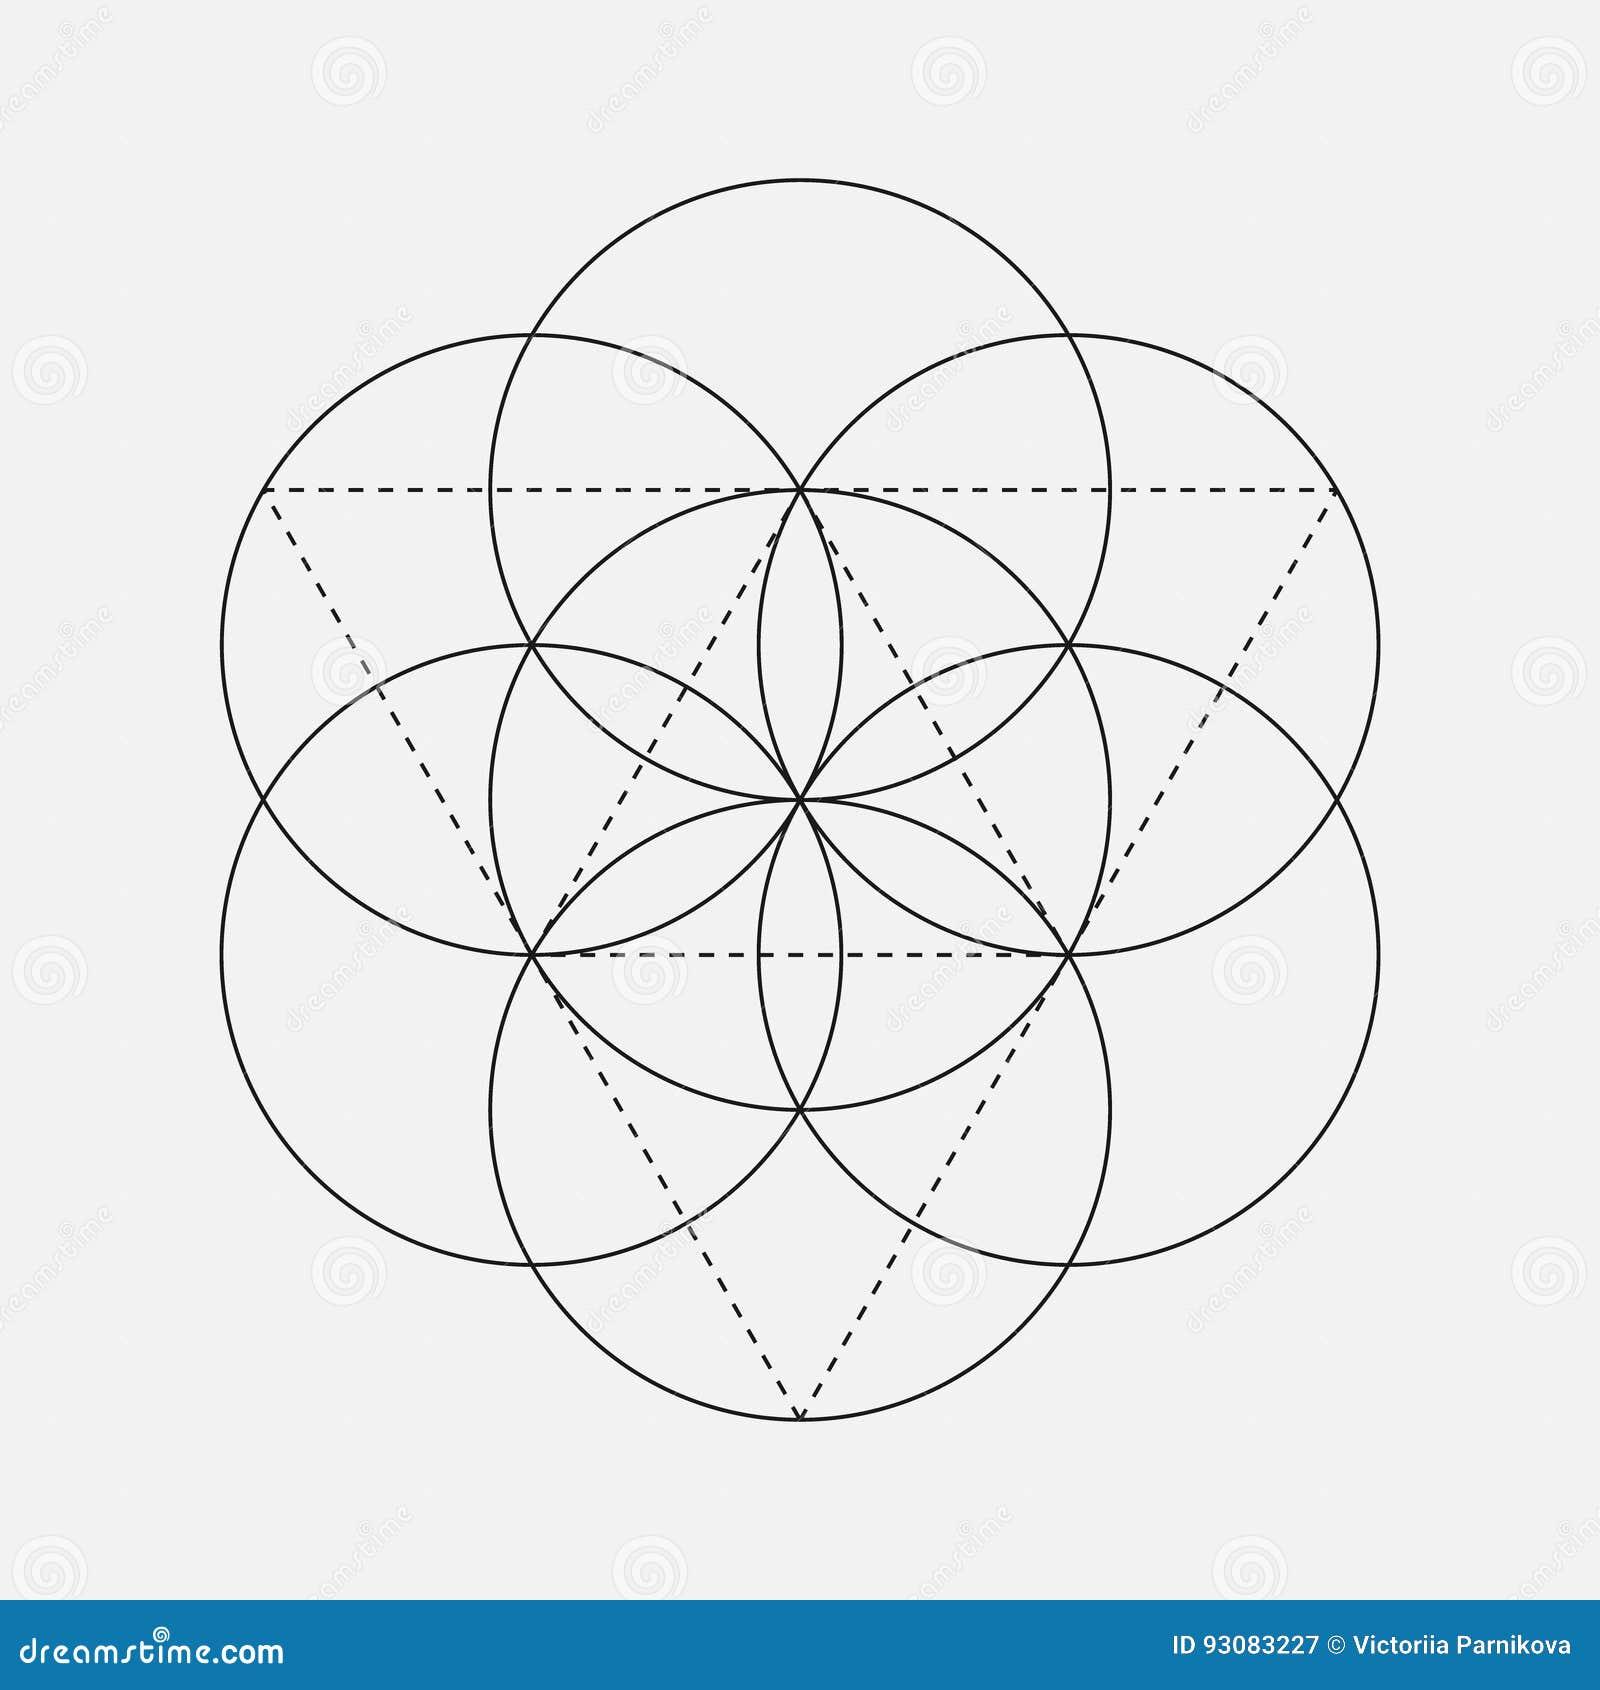 Fleur de signe de la vie symbole g om trique illustration de vecteur image 93083227 - Symbole de la vie ...